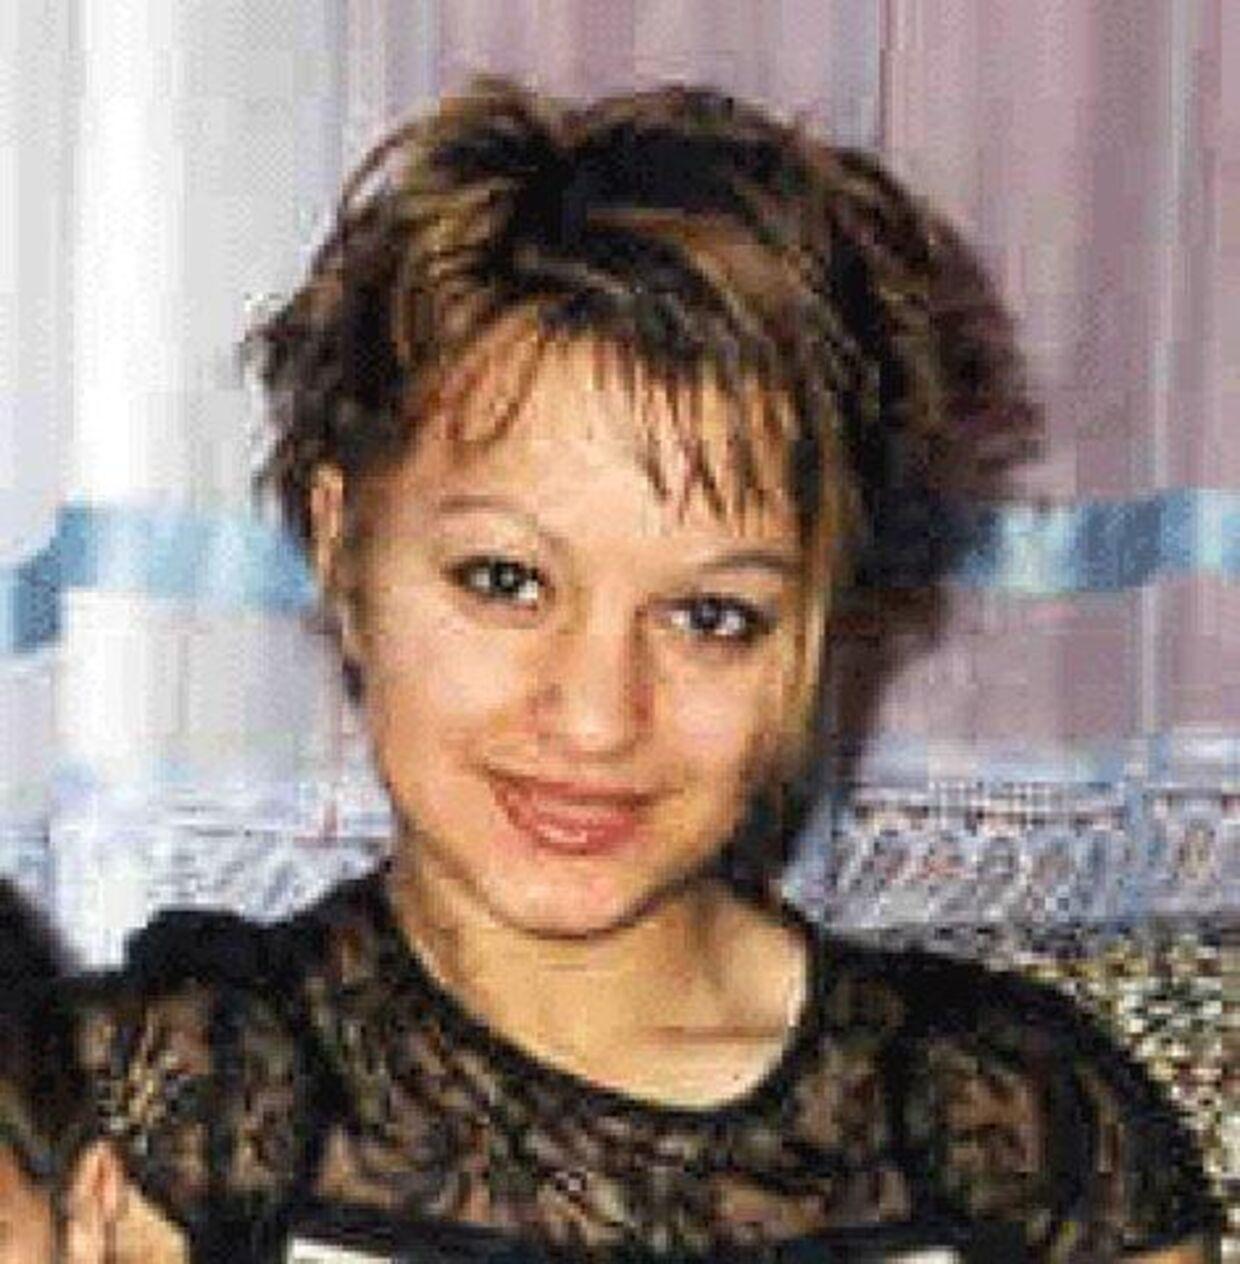 Sonay blev kun 14 år. Den smukke iranske pige ville integrere sig og leve som en dansk pige, det skabte store konflikter mellem hende og de stærkt troende muslimske forældre. Foto: Politiet